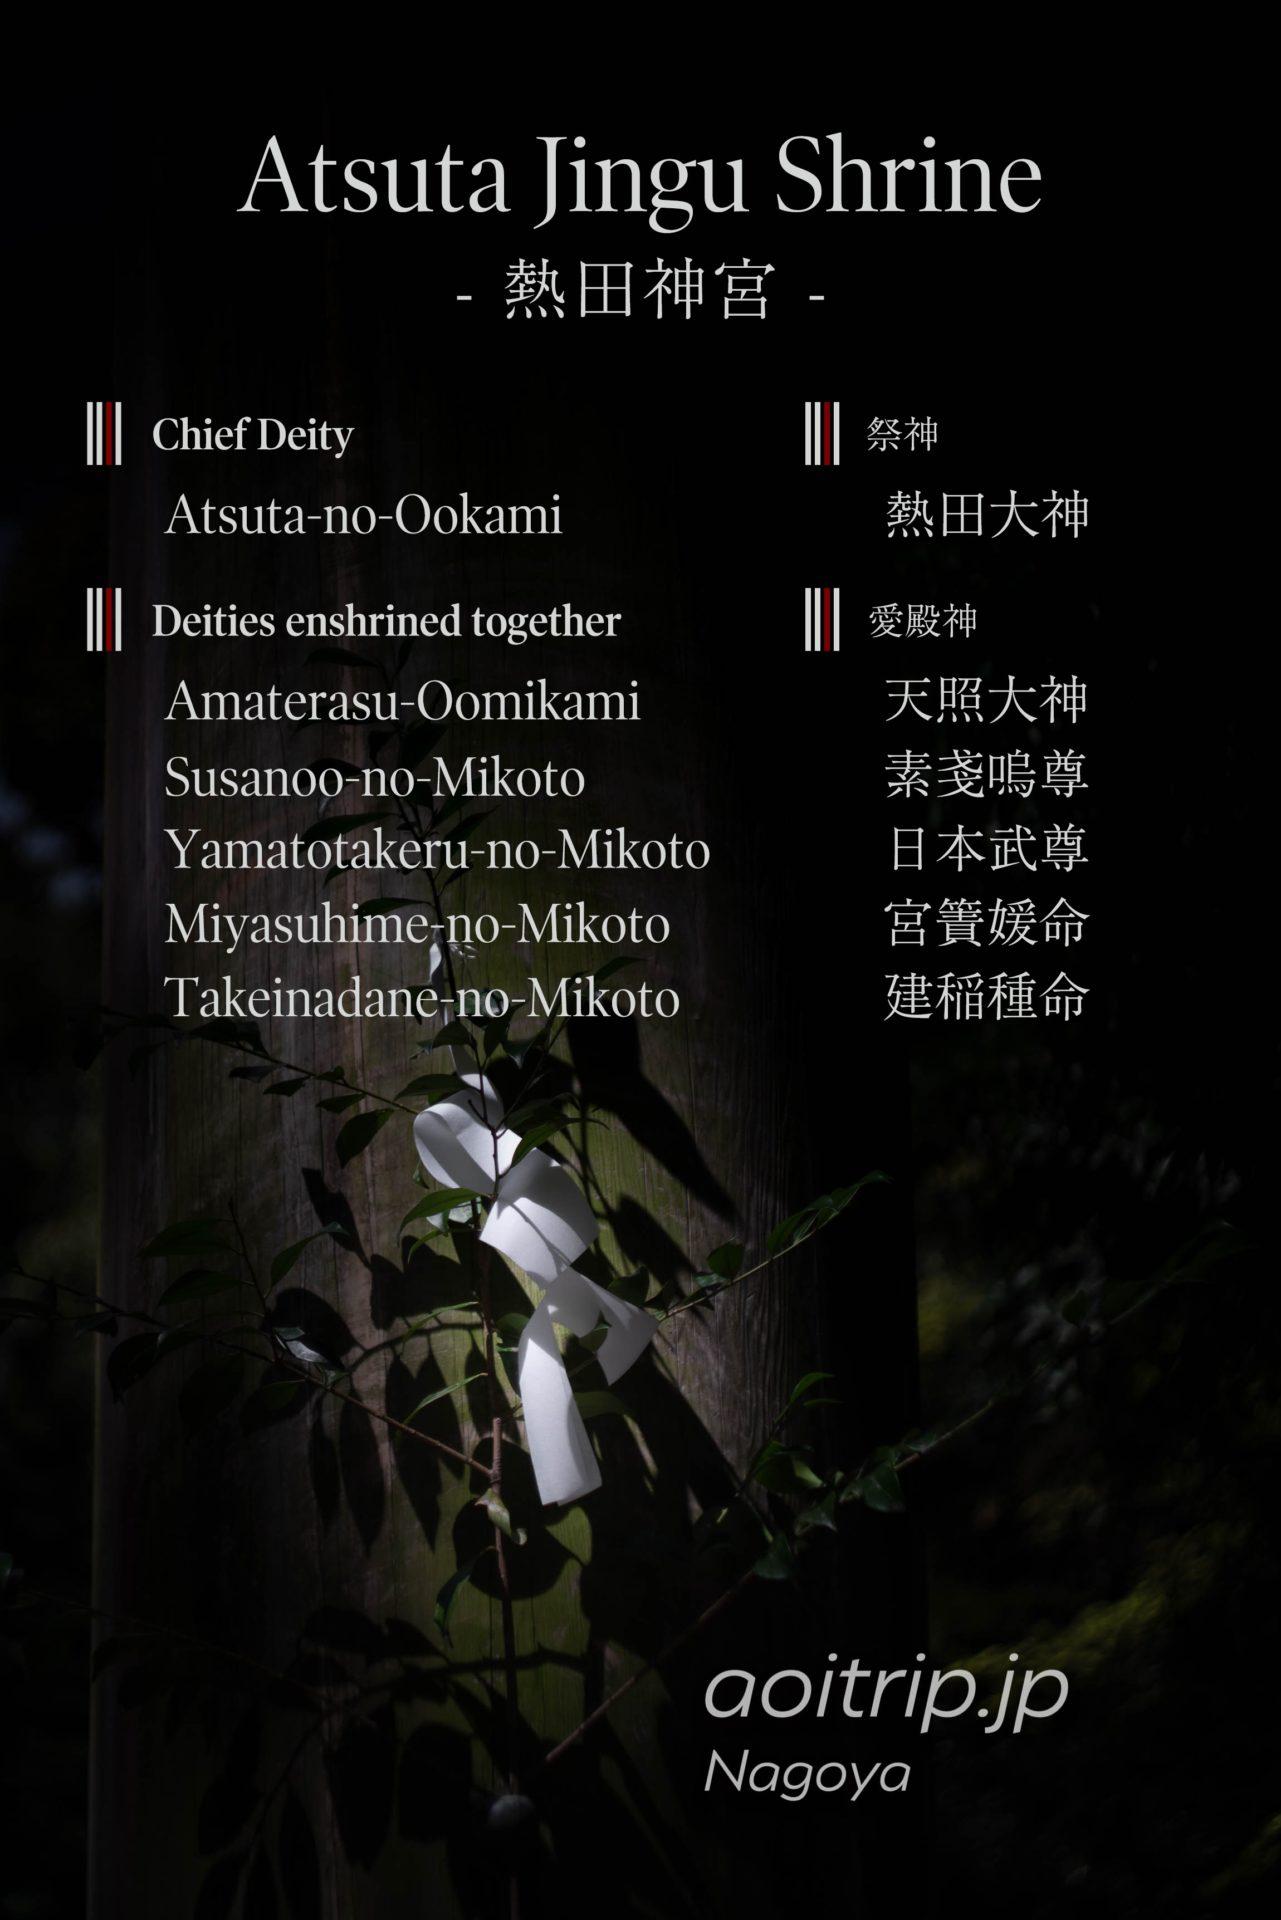 熱田神宮の祭神・愛殿神 Atsuta Jingu Shrine